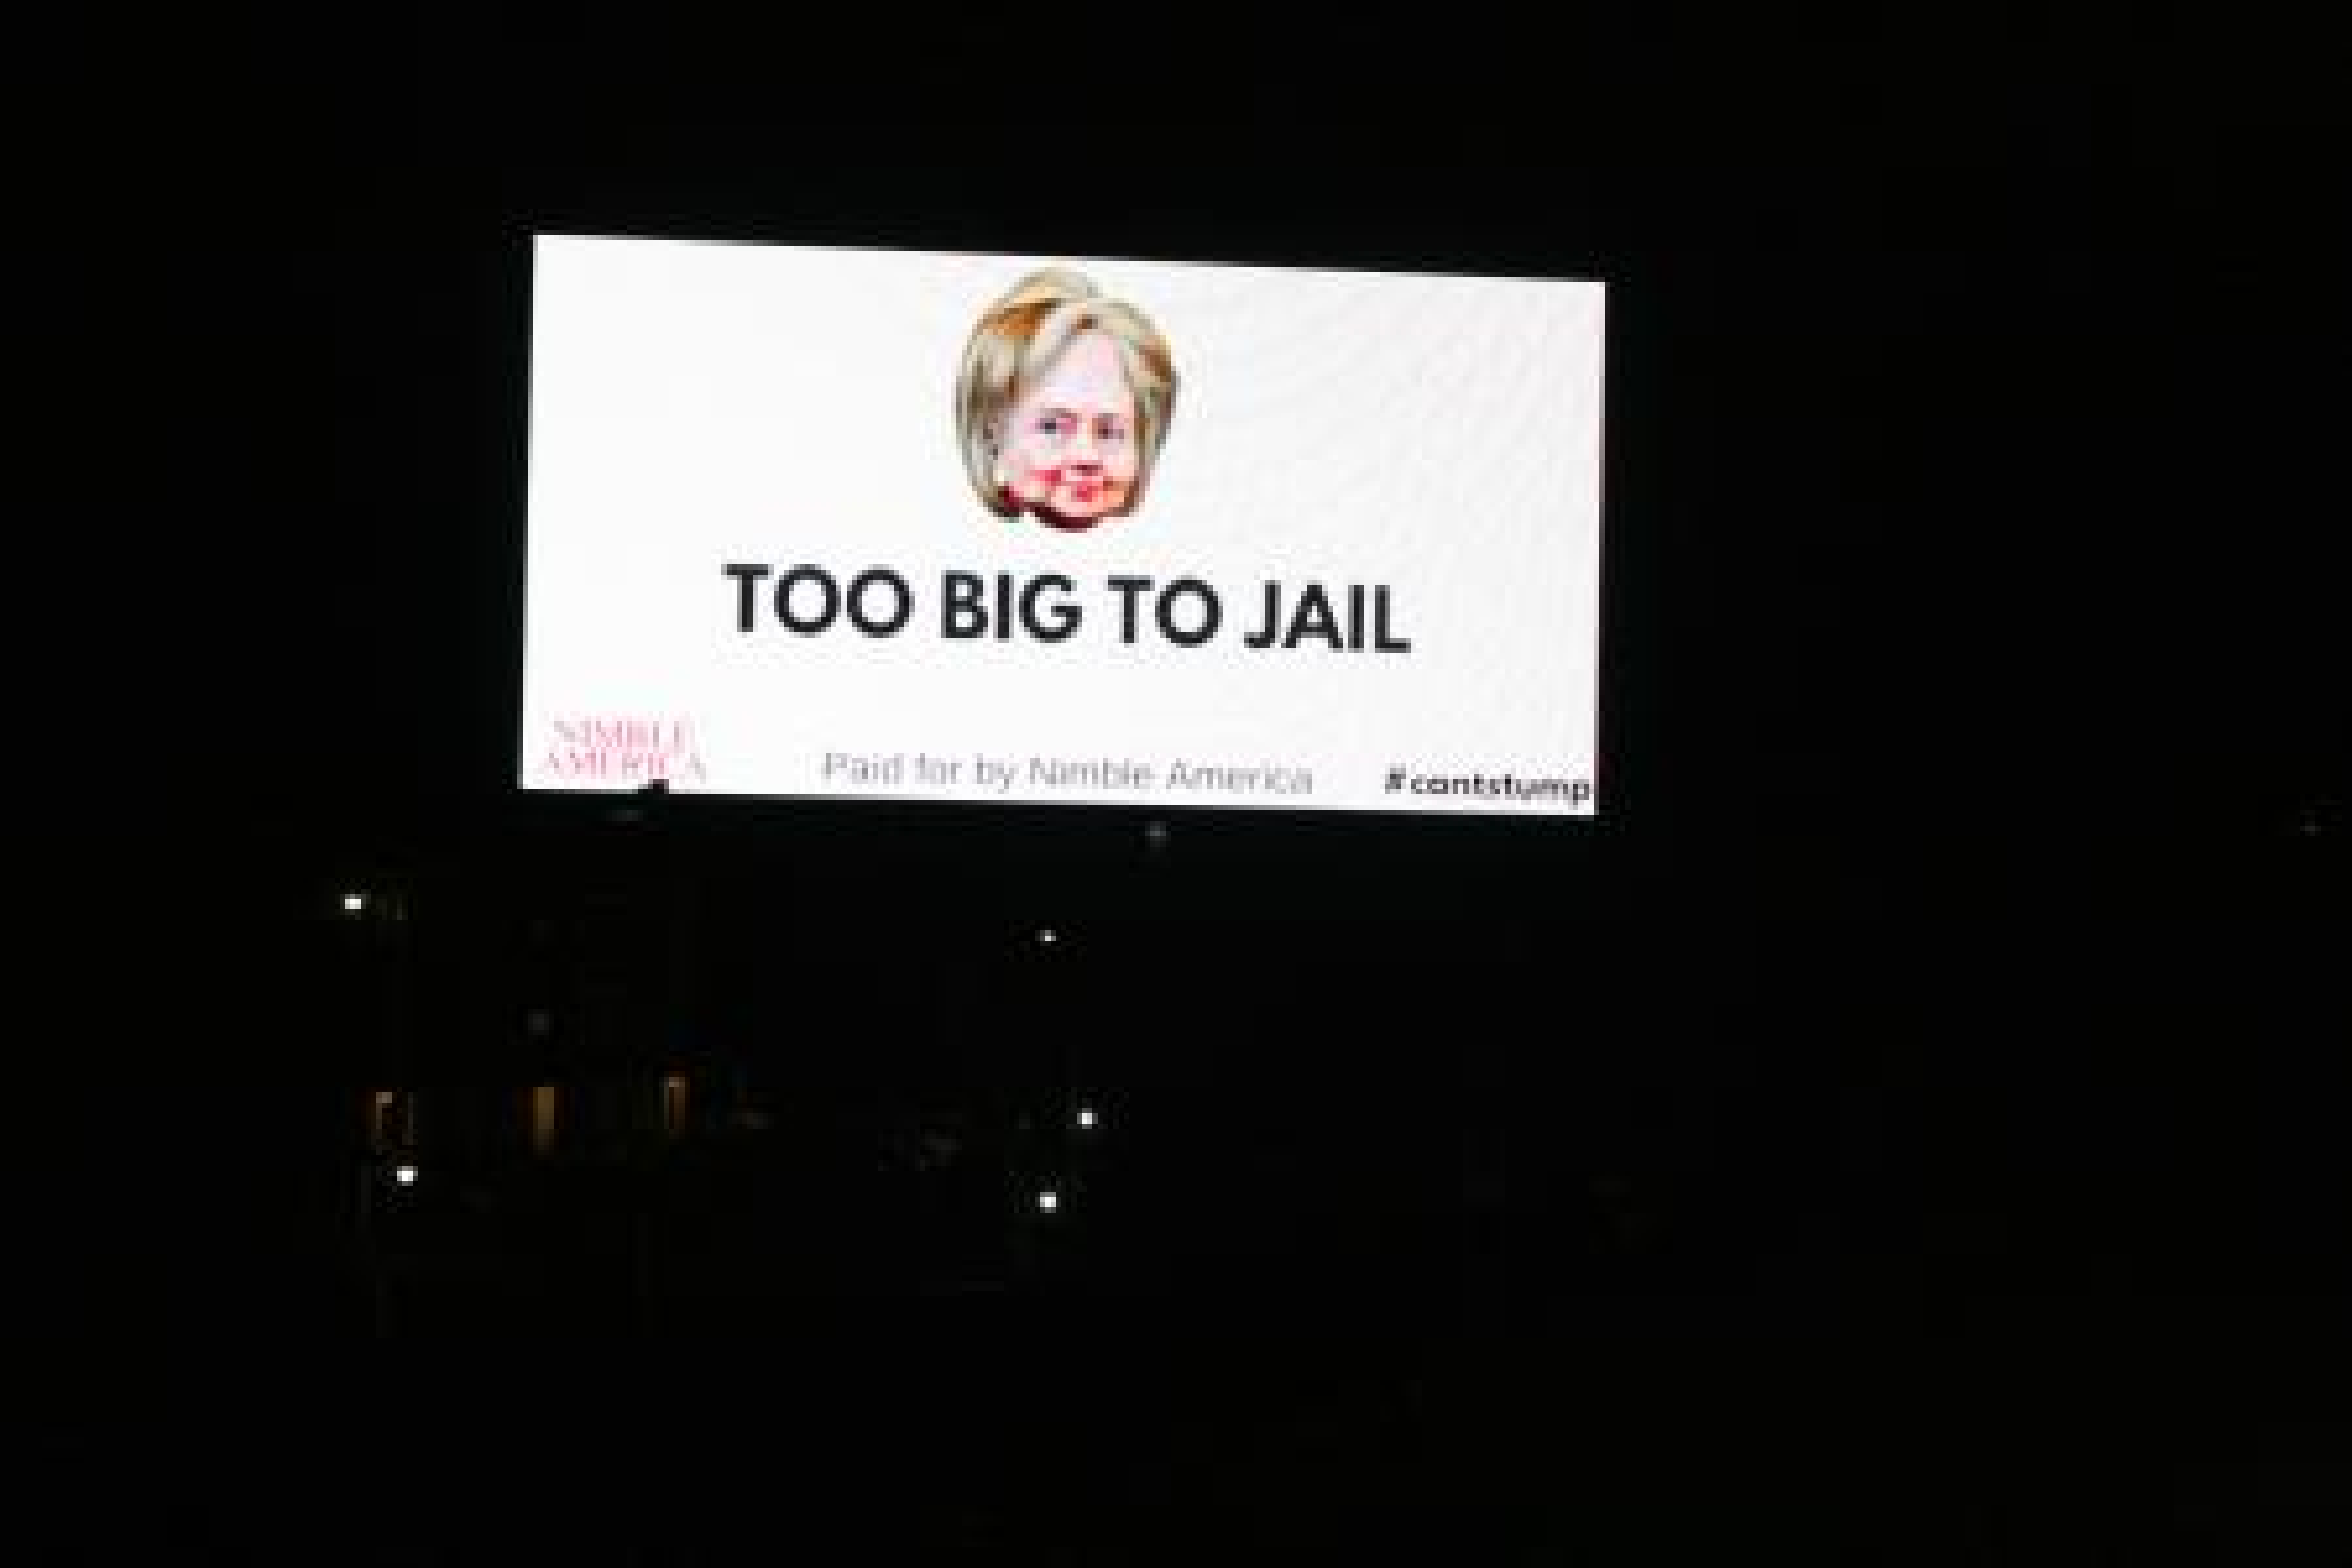 Too big to jail nimble america